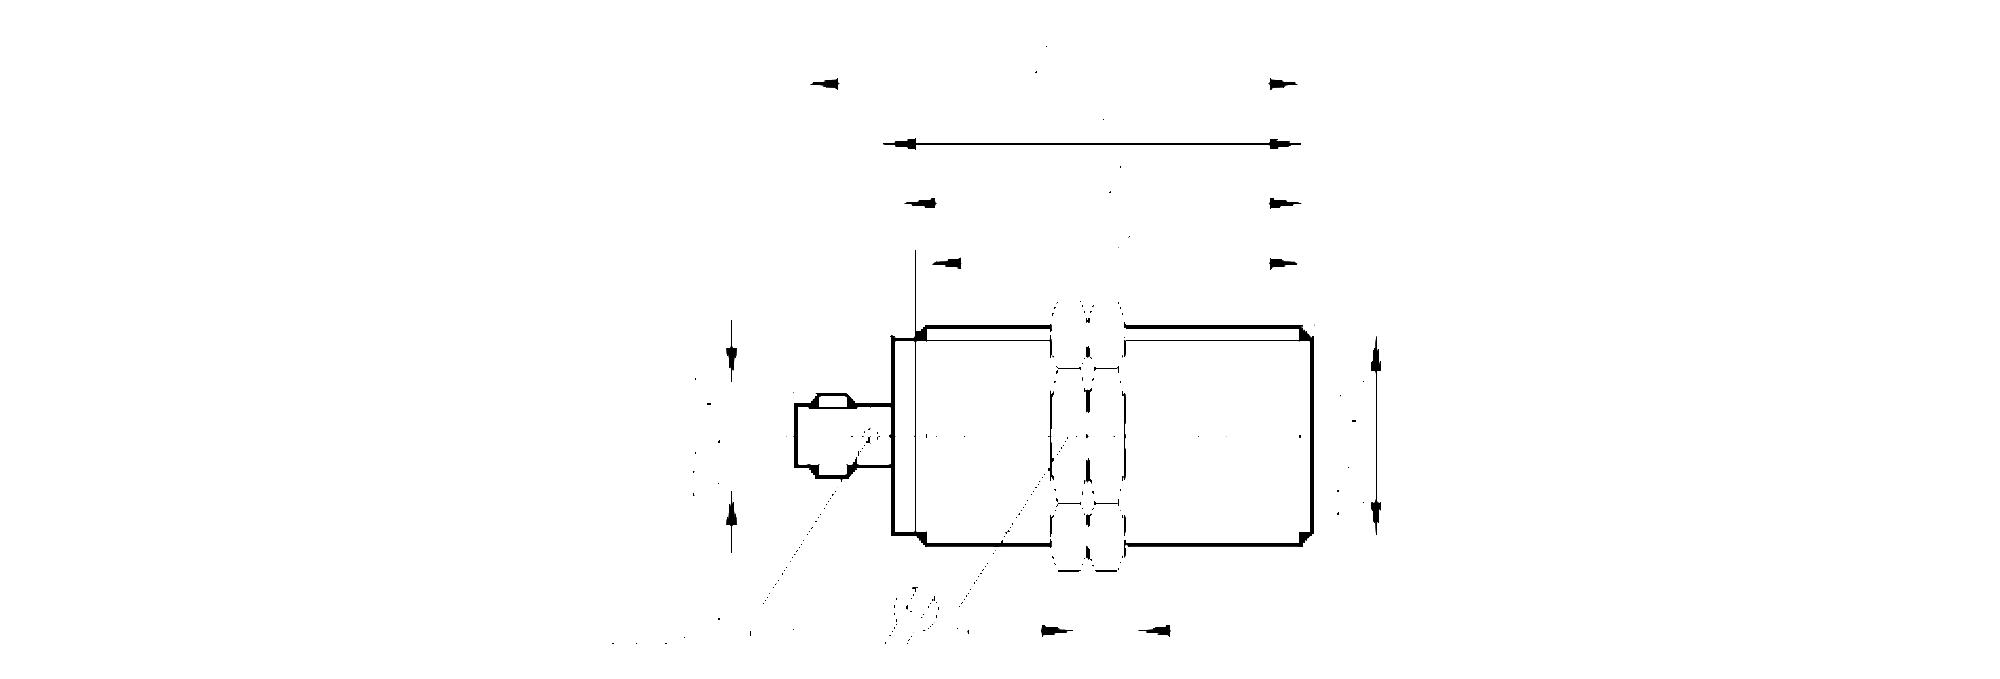 iic210 - inductive sensor